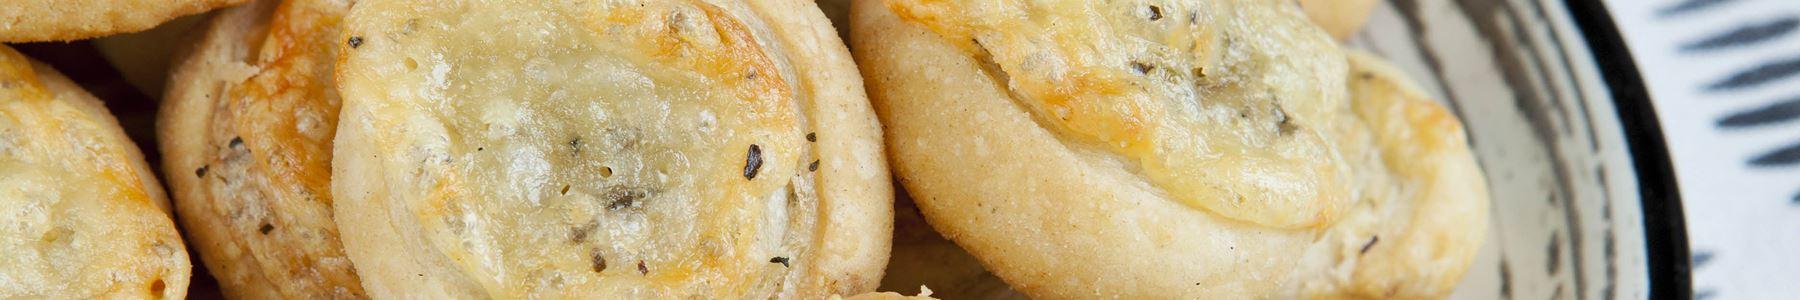 Snacks og tapas + Butterdej